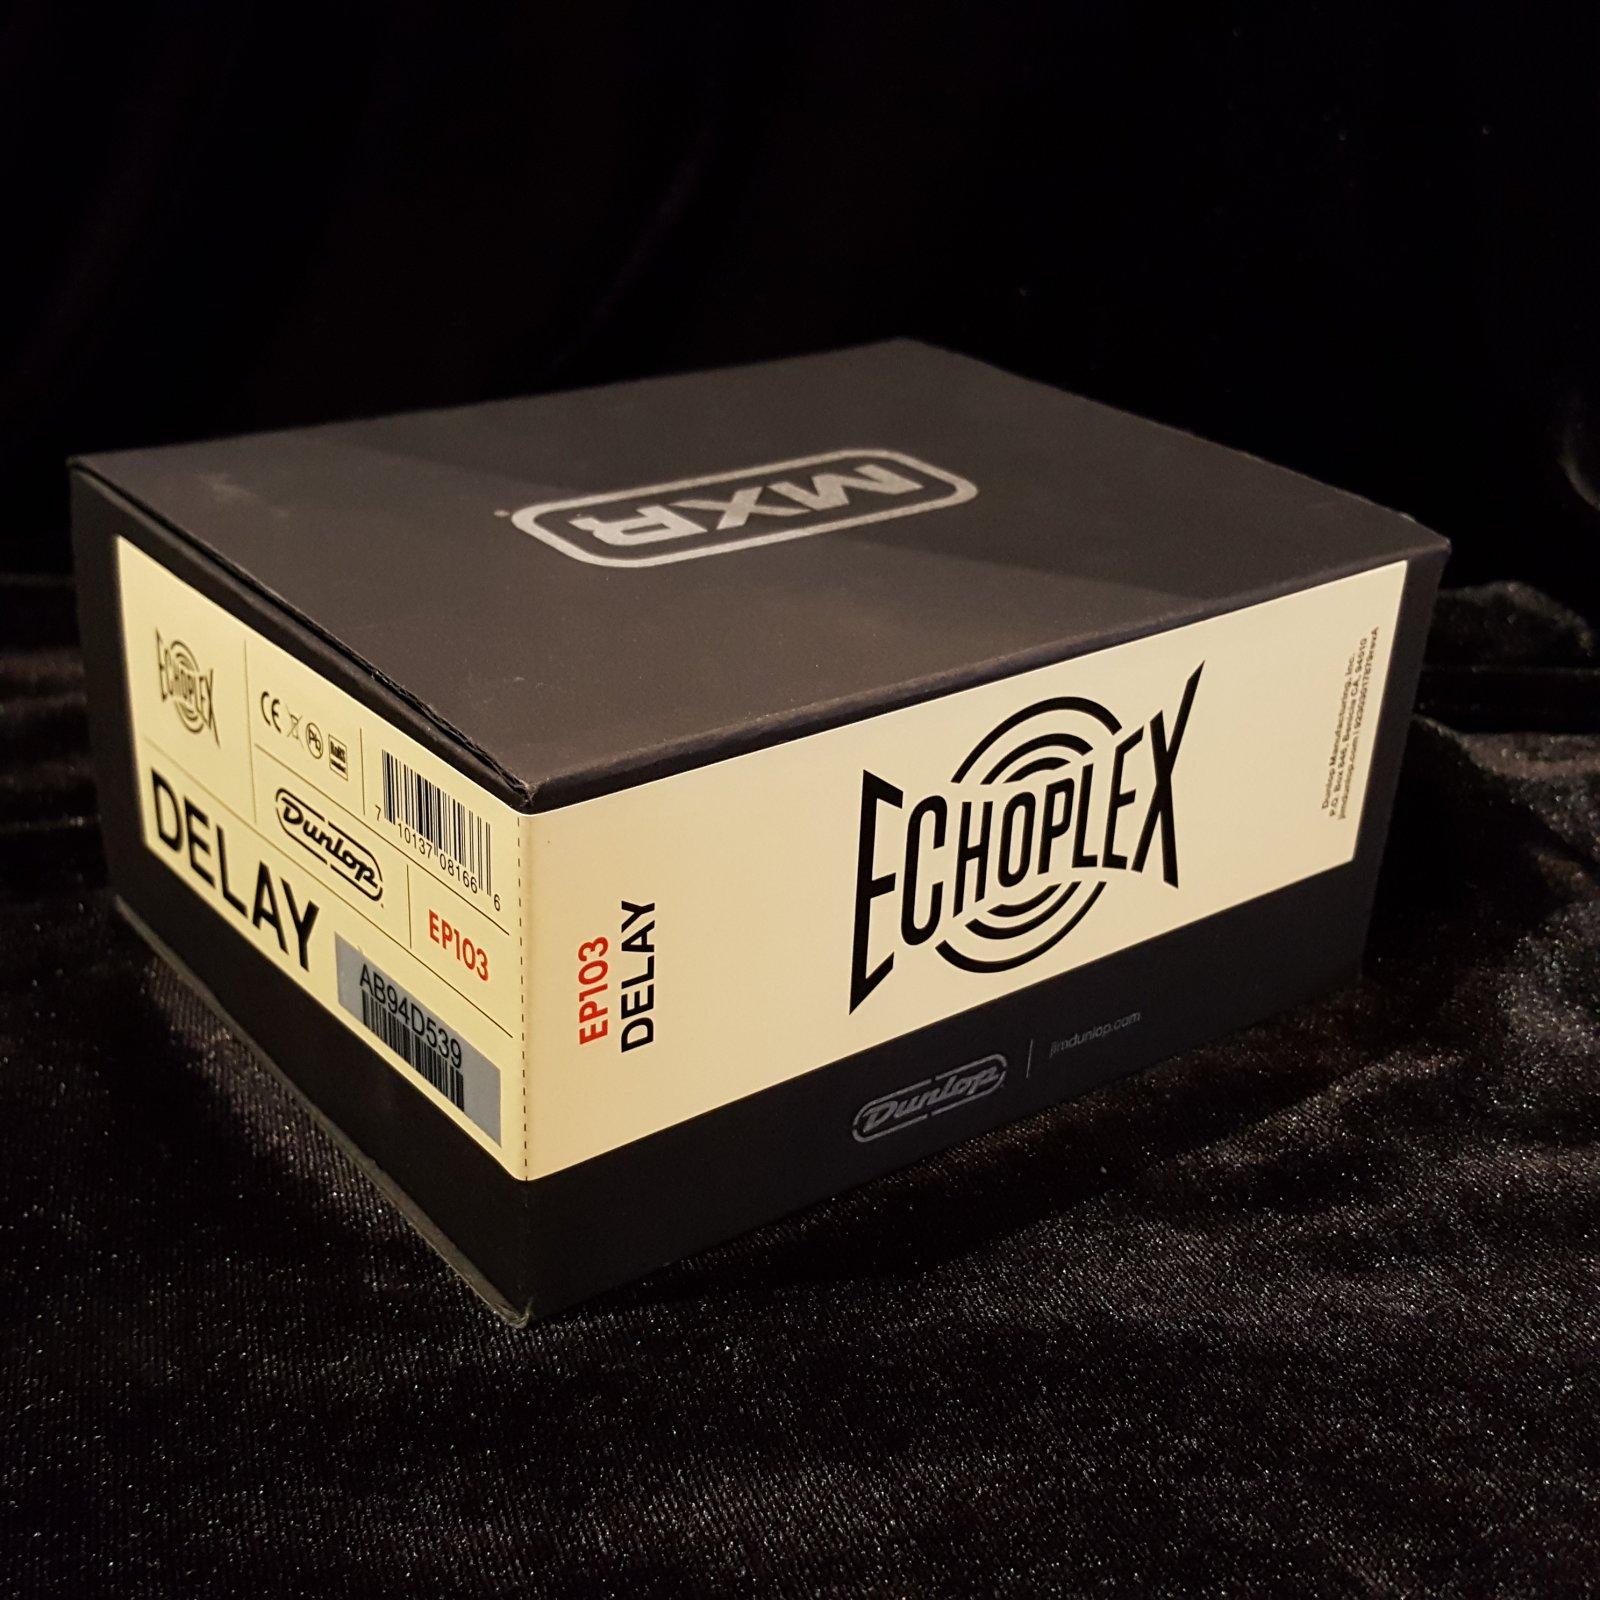 MXR EP103 Echoplex Digital Delay Effects Pedal